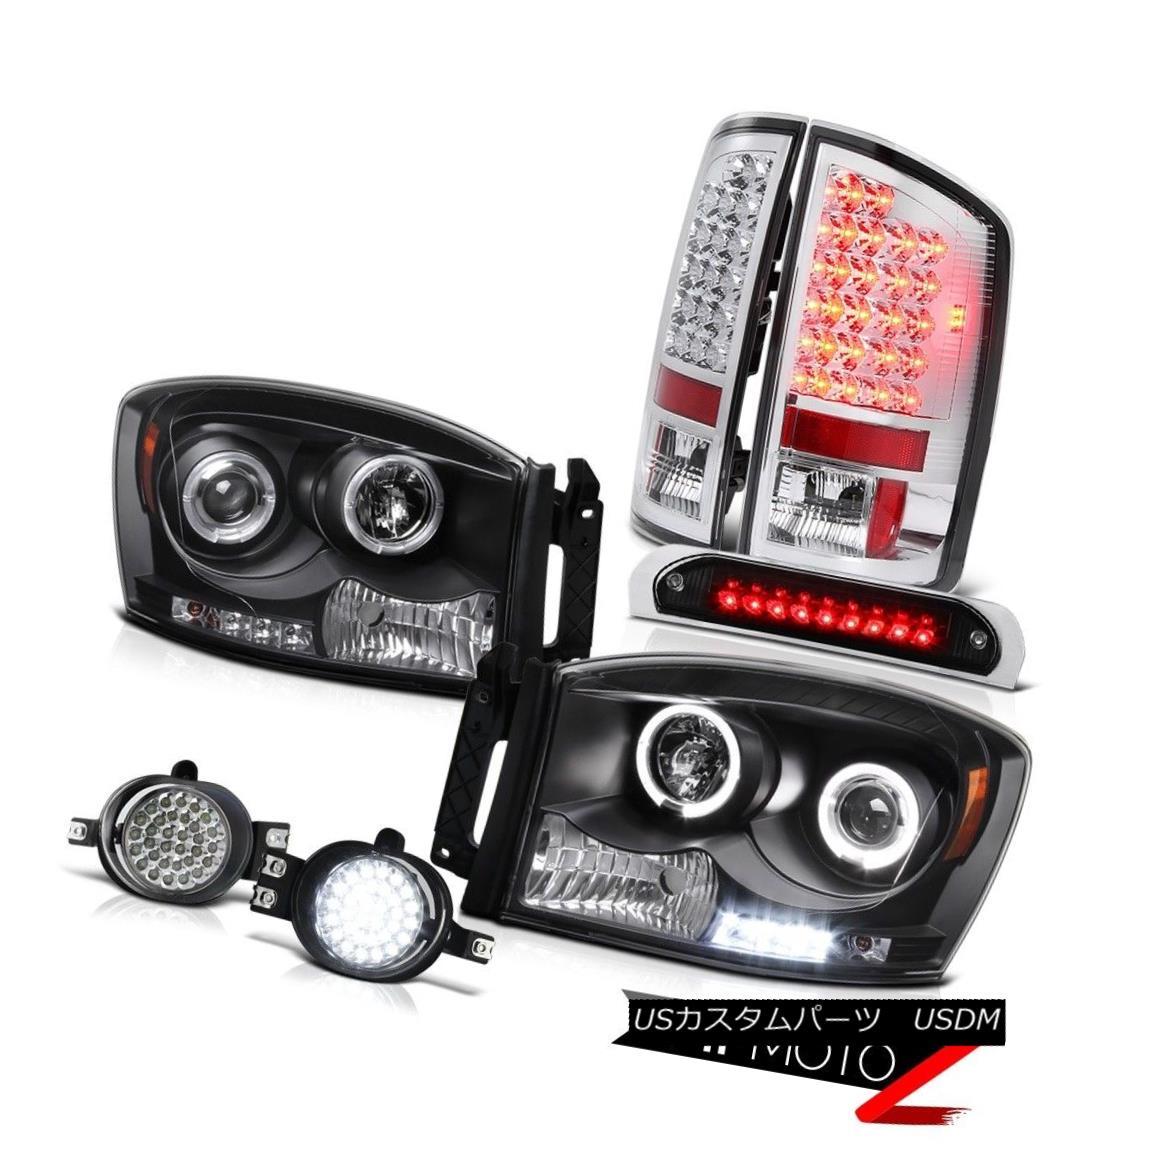 テールライト 06 Ram 3500 Black Headlights SMD Halo Euro LED Tail Lights Surface Fog 3rd Brake 06 Ram 3500ブラックヘッドライトSMD Halo Euro LEDテールライトサーフェスフォグ3rdブレーキ